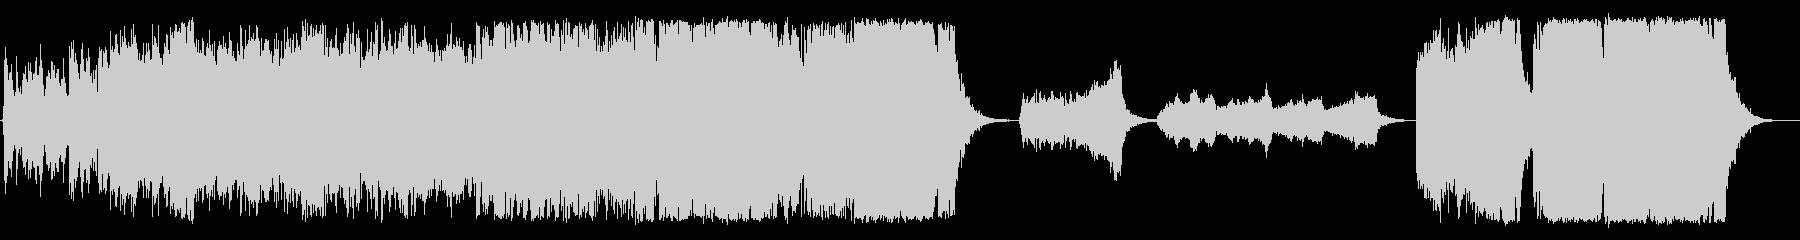 シネマティックなFPSゲームトレイラーの未再生の波形